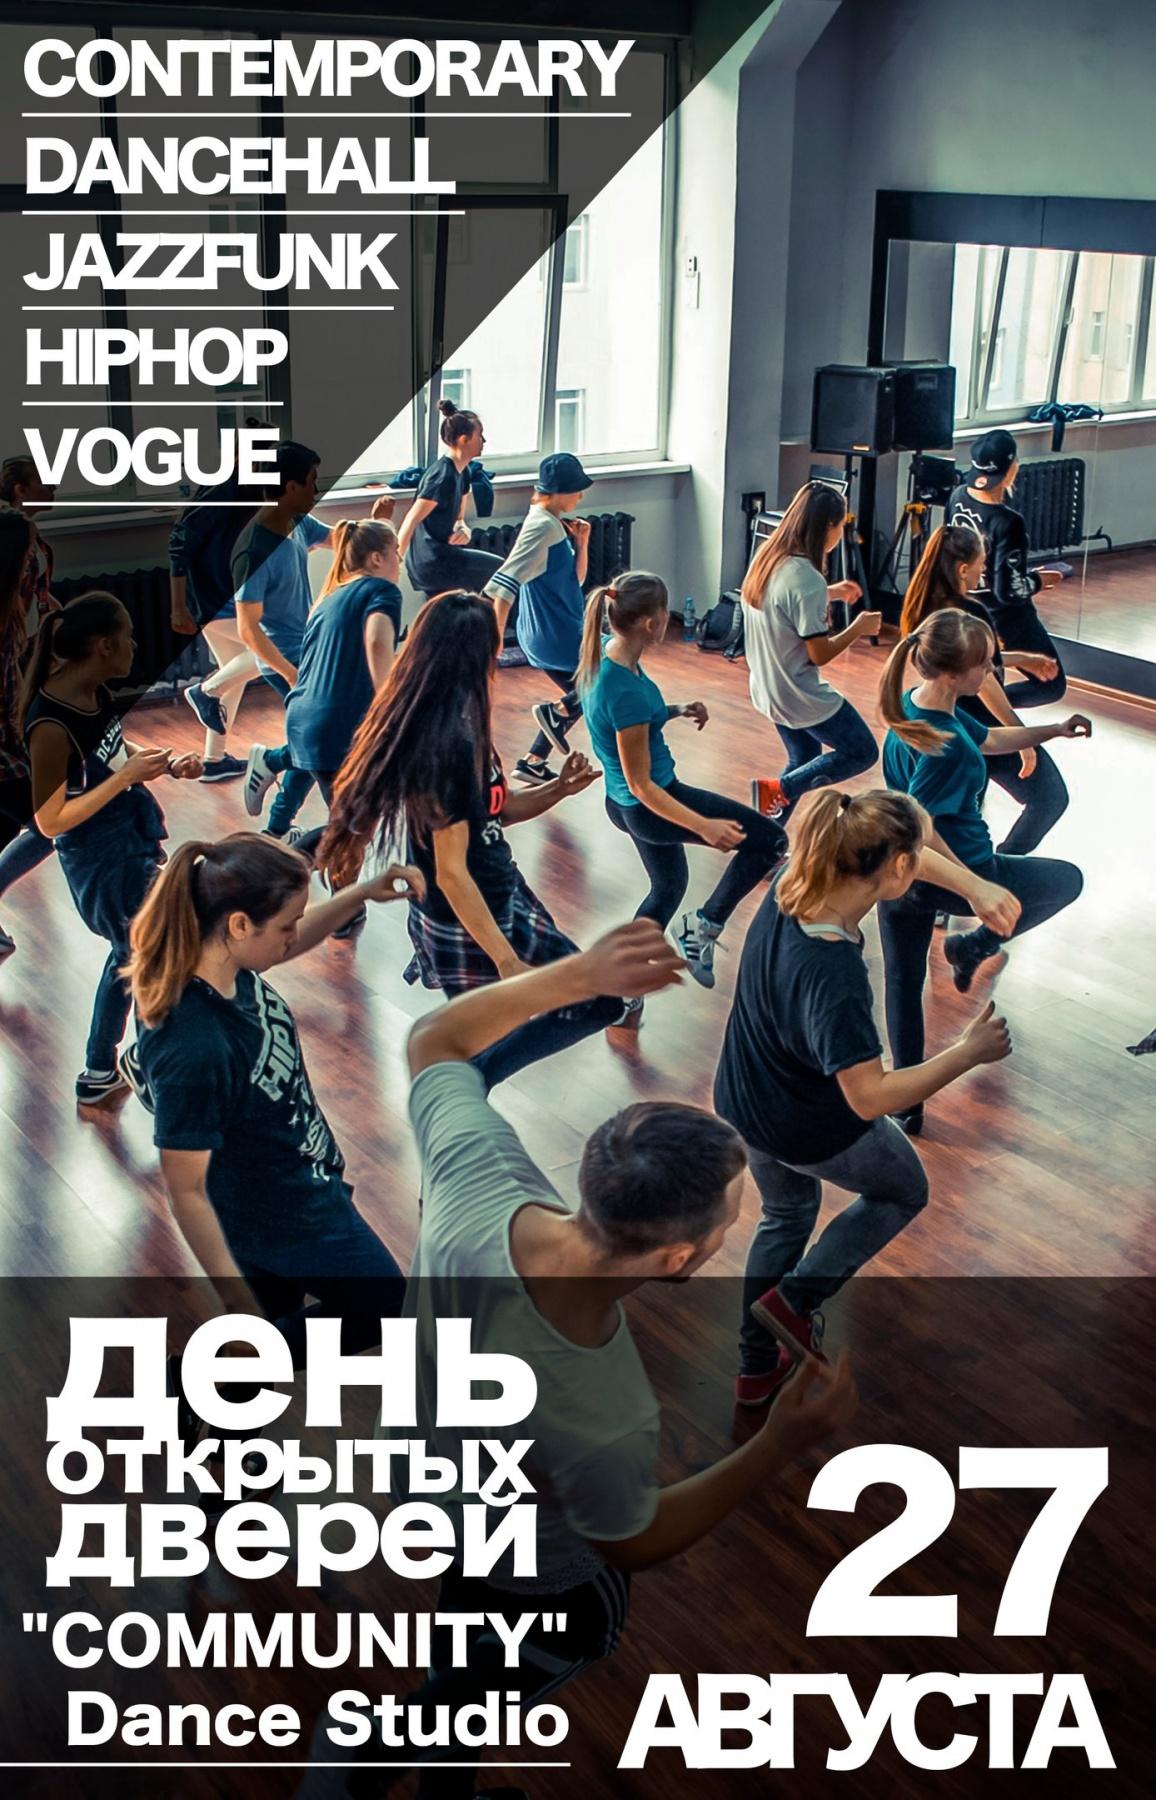 Танцевальная студия Коммьюнити